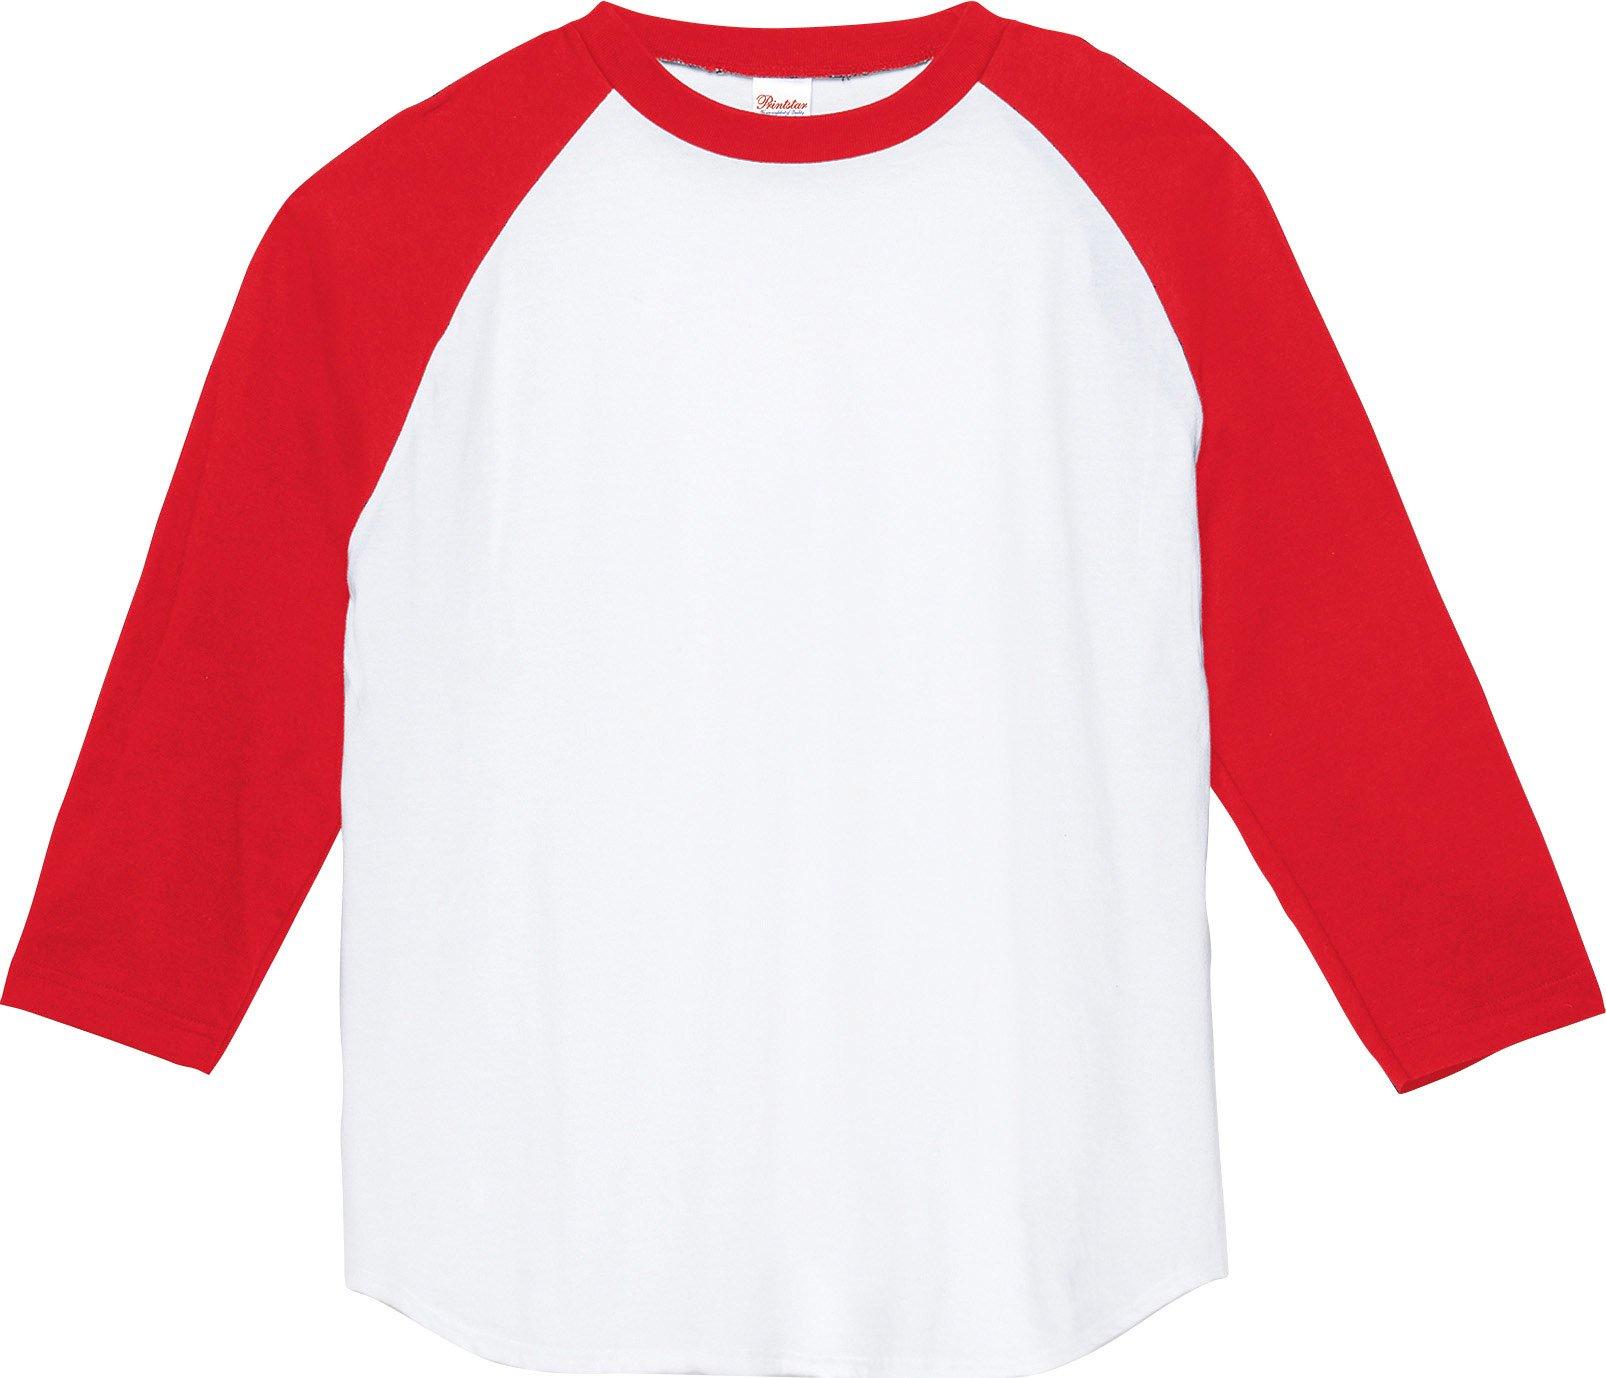 5.6オンス ヘビーウェイトベースボールTシャツ 00107-CRB